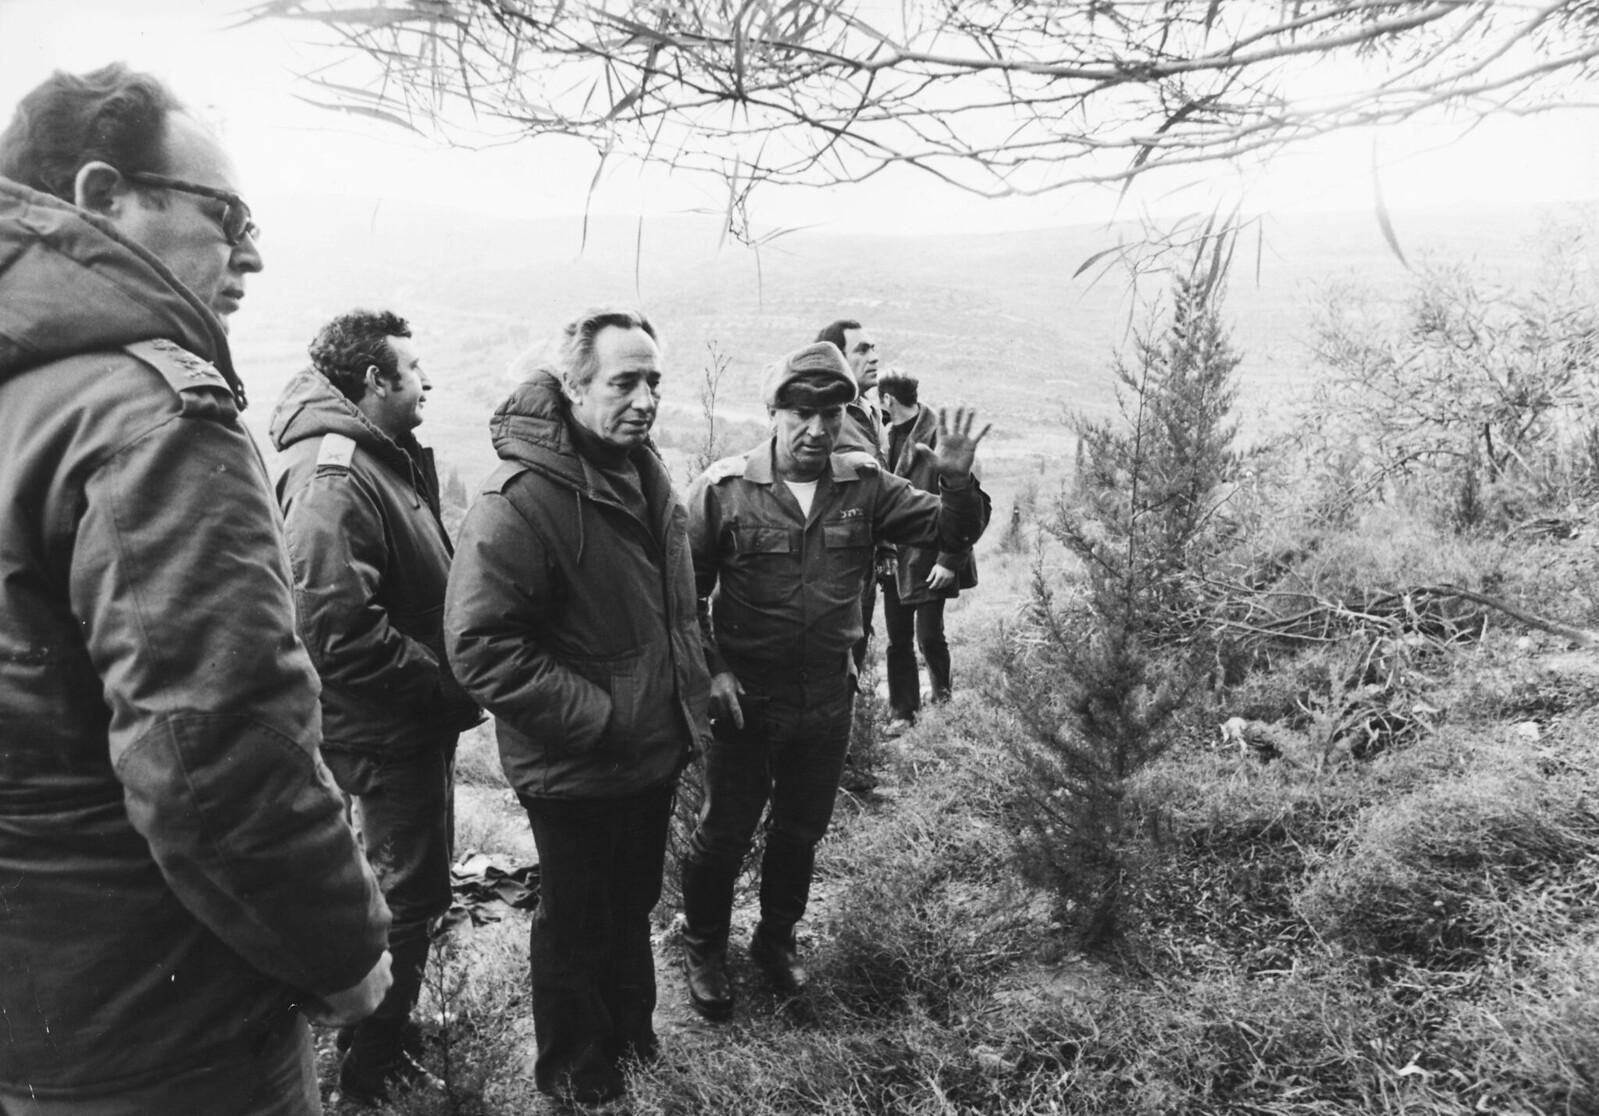 1976. Министр обороны Израиля Шимон Перес (третий слева) и генерал-майор Рафаэль Эйтан инспектируют огневую точку на израильско-ливанской границы, 22 января